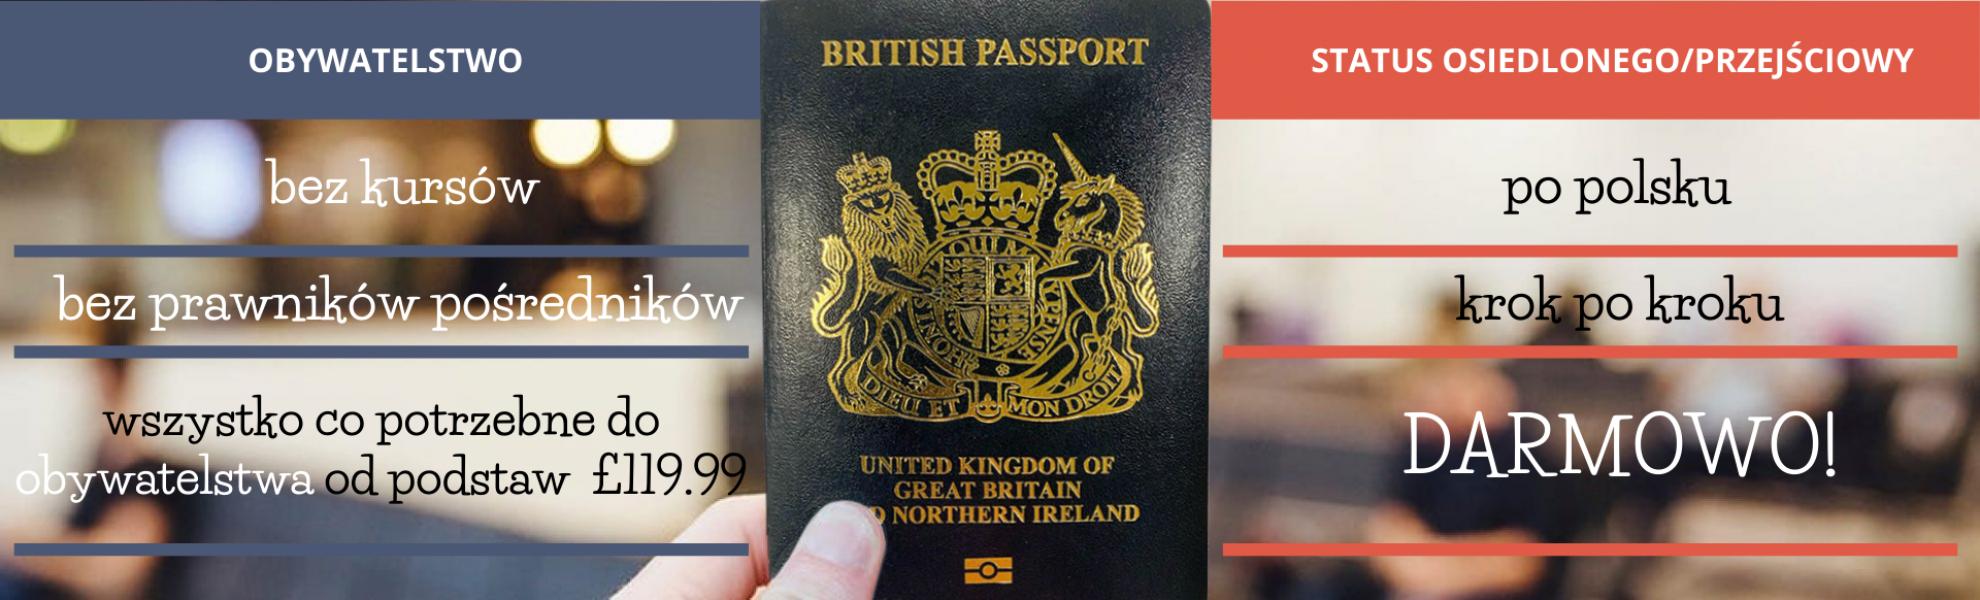 brytyjski paszport obywatelstwo brytyjskie